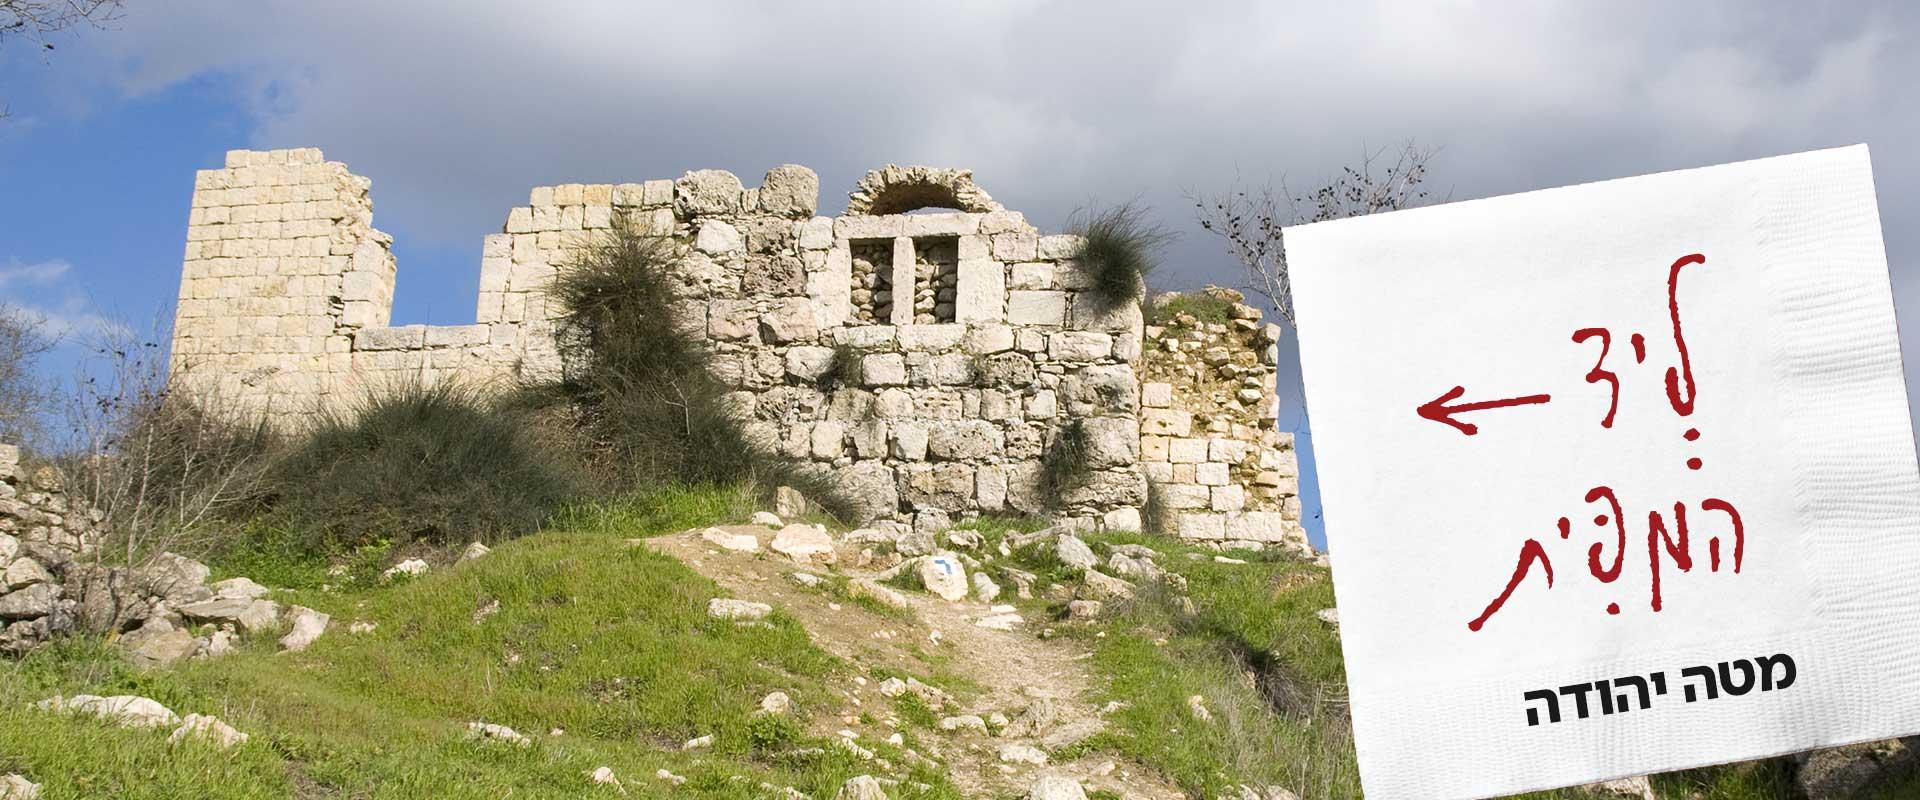 לאכול באזור מטה יהודה עם רמה בן צבי